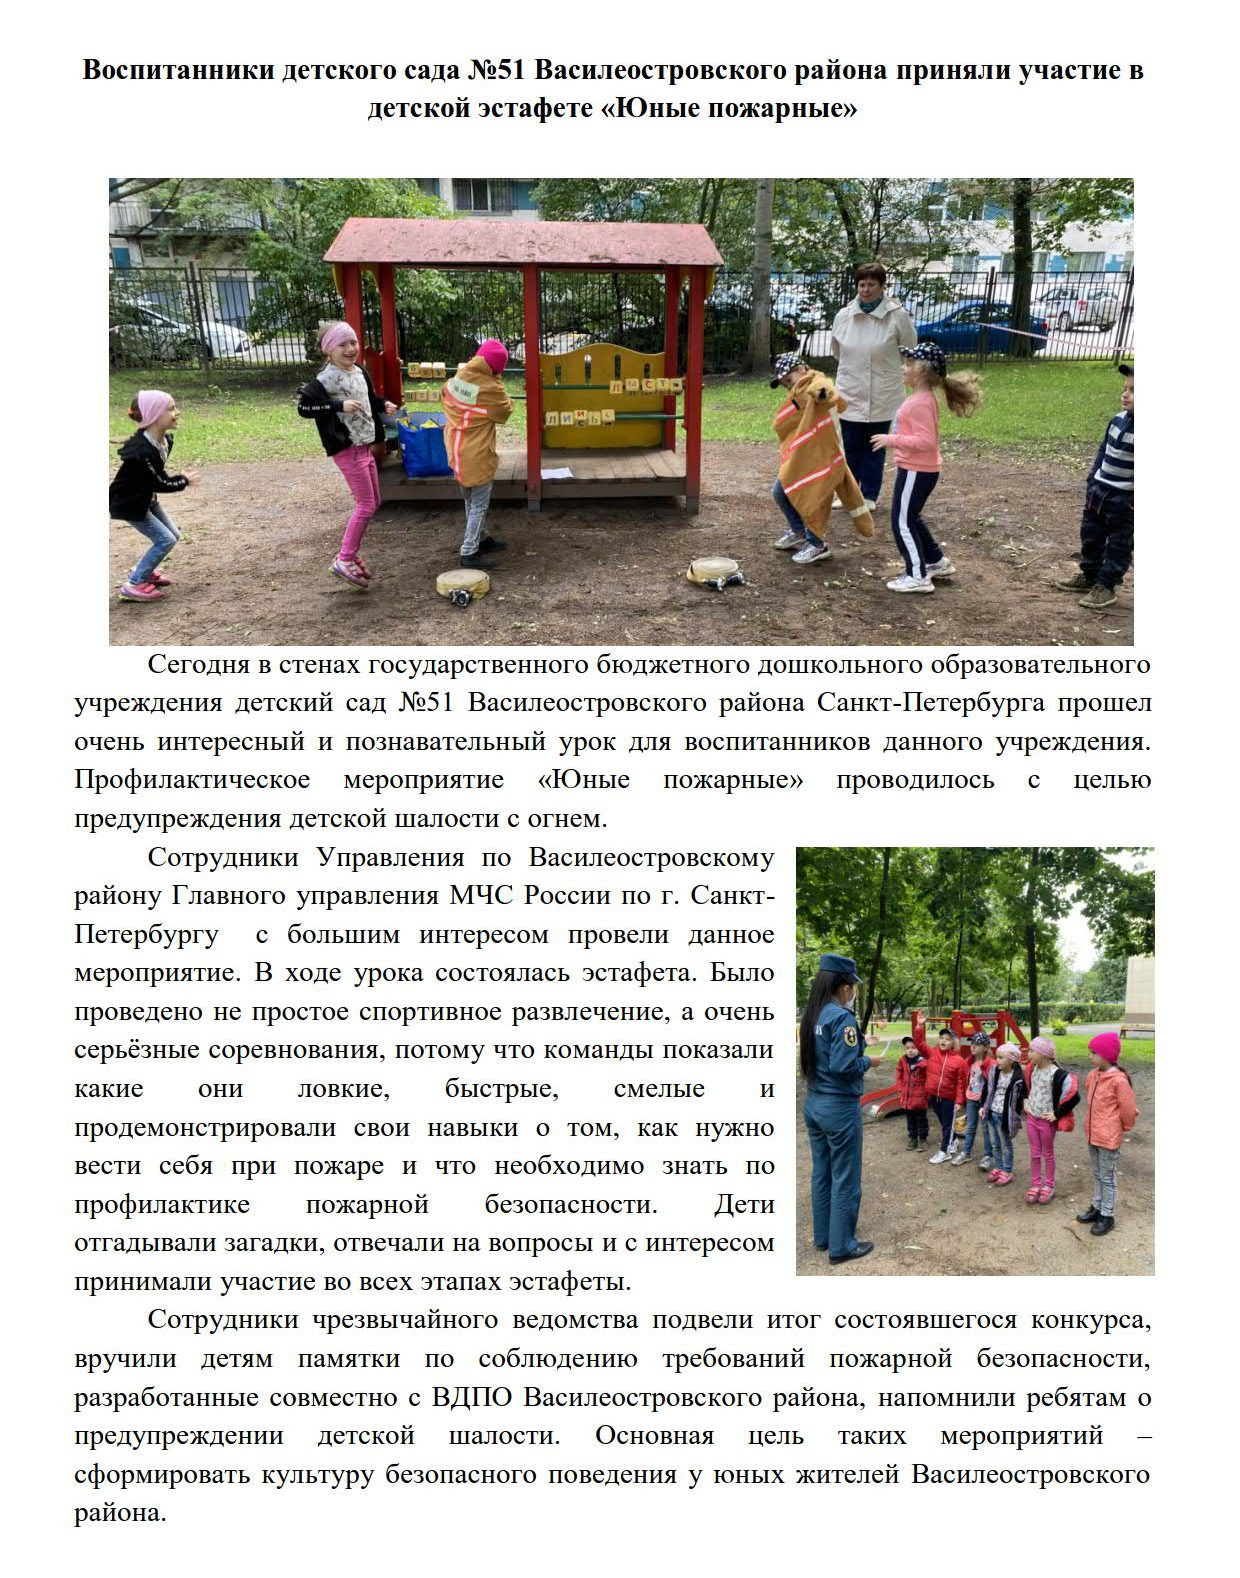 6. Детский сад юные пожарные детский сад 51_1